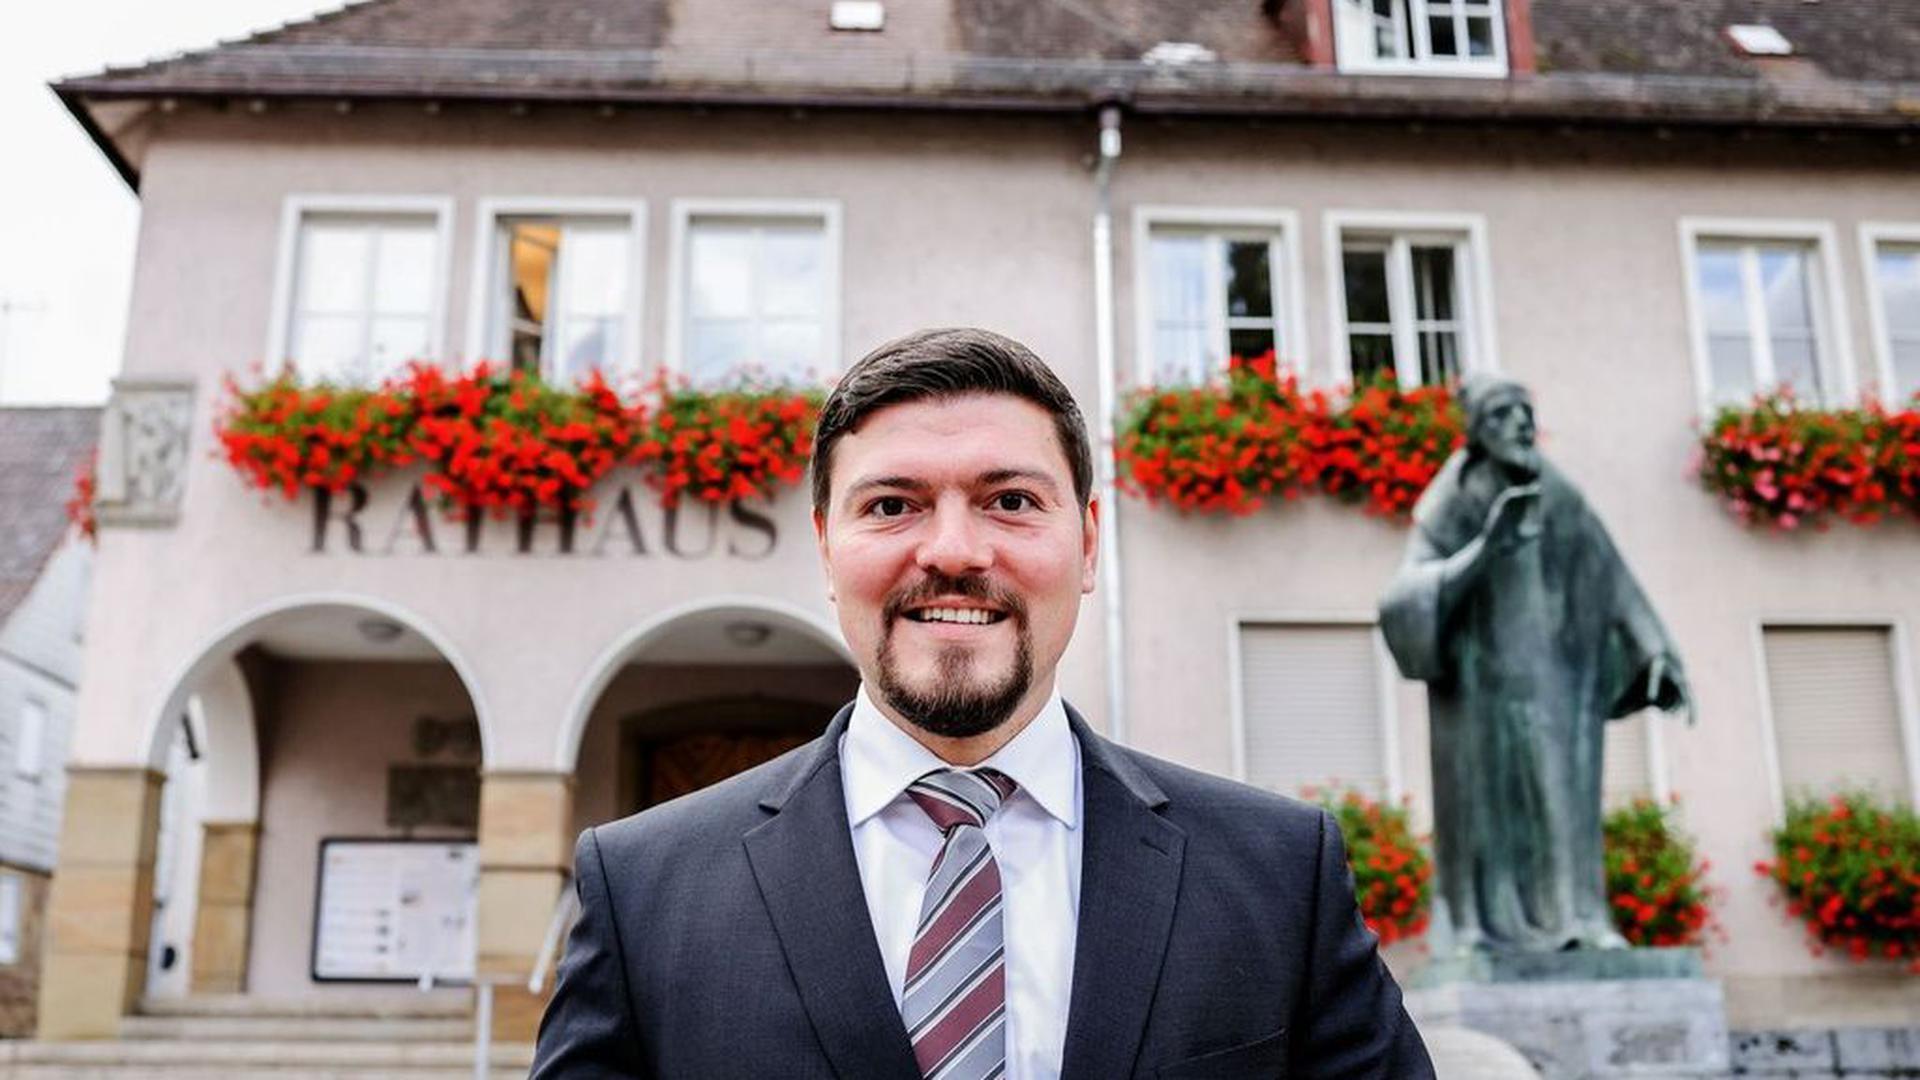 Andreas Laitenberger ist einer der Kandidaten, die für das Bürgermeisteramt in Knittlingen kandidieren